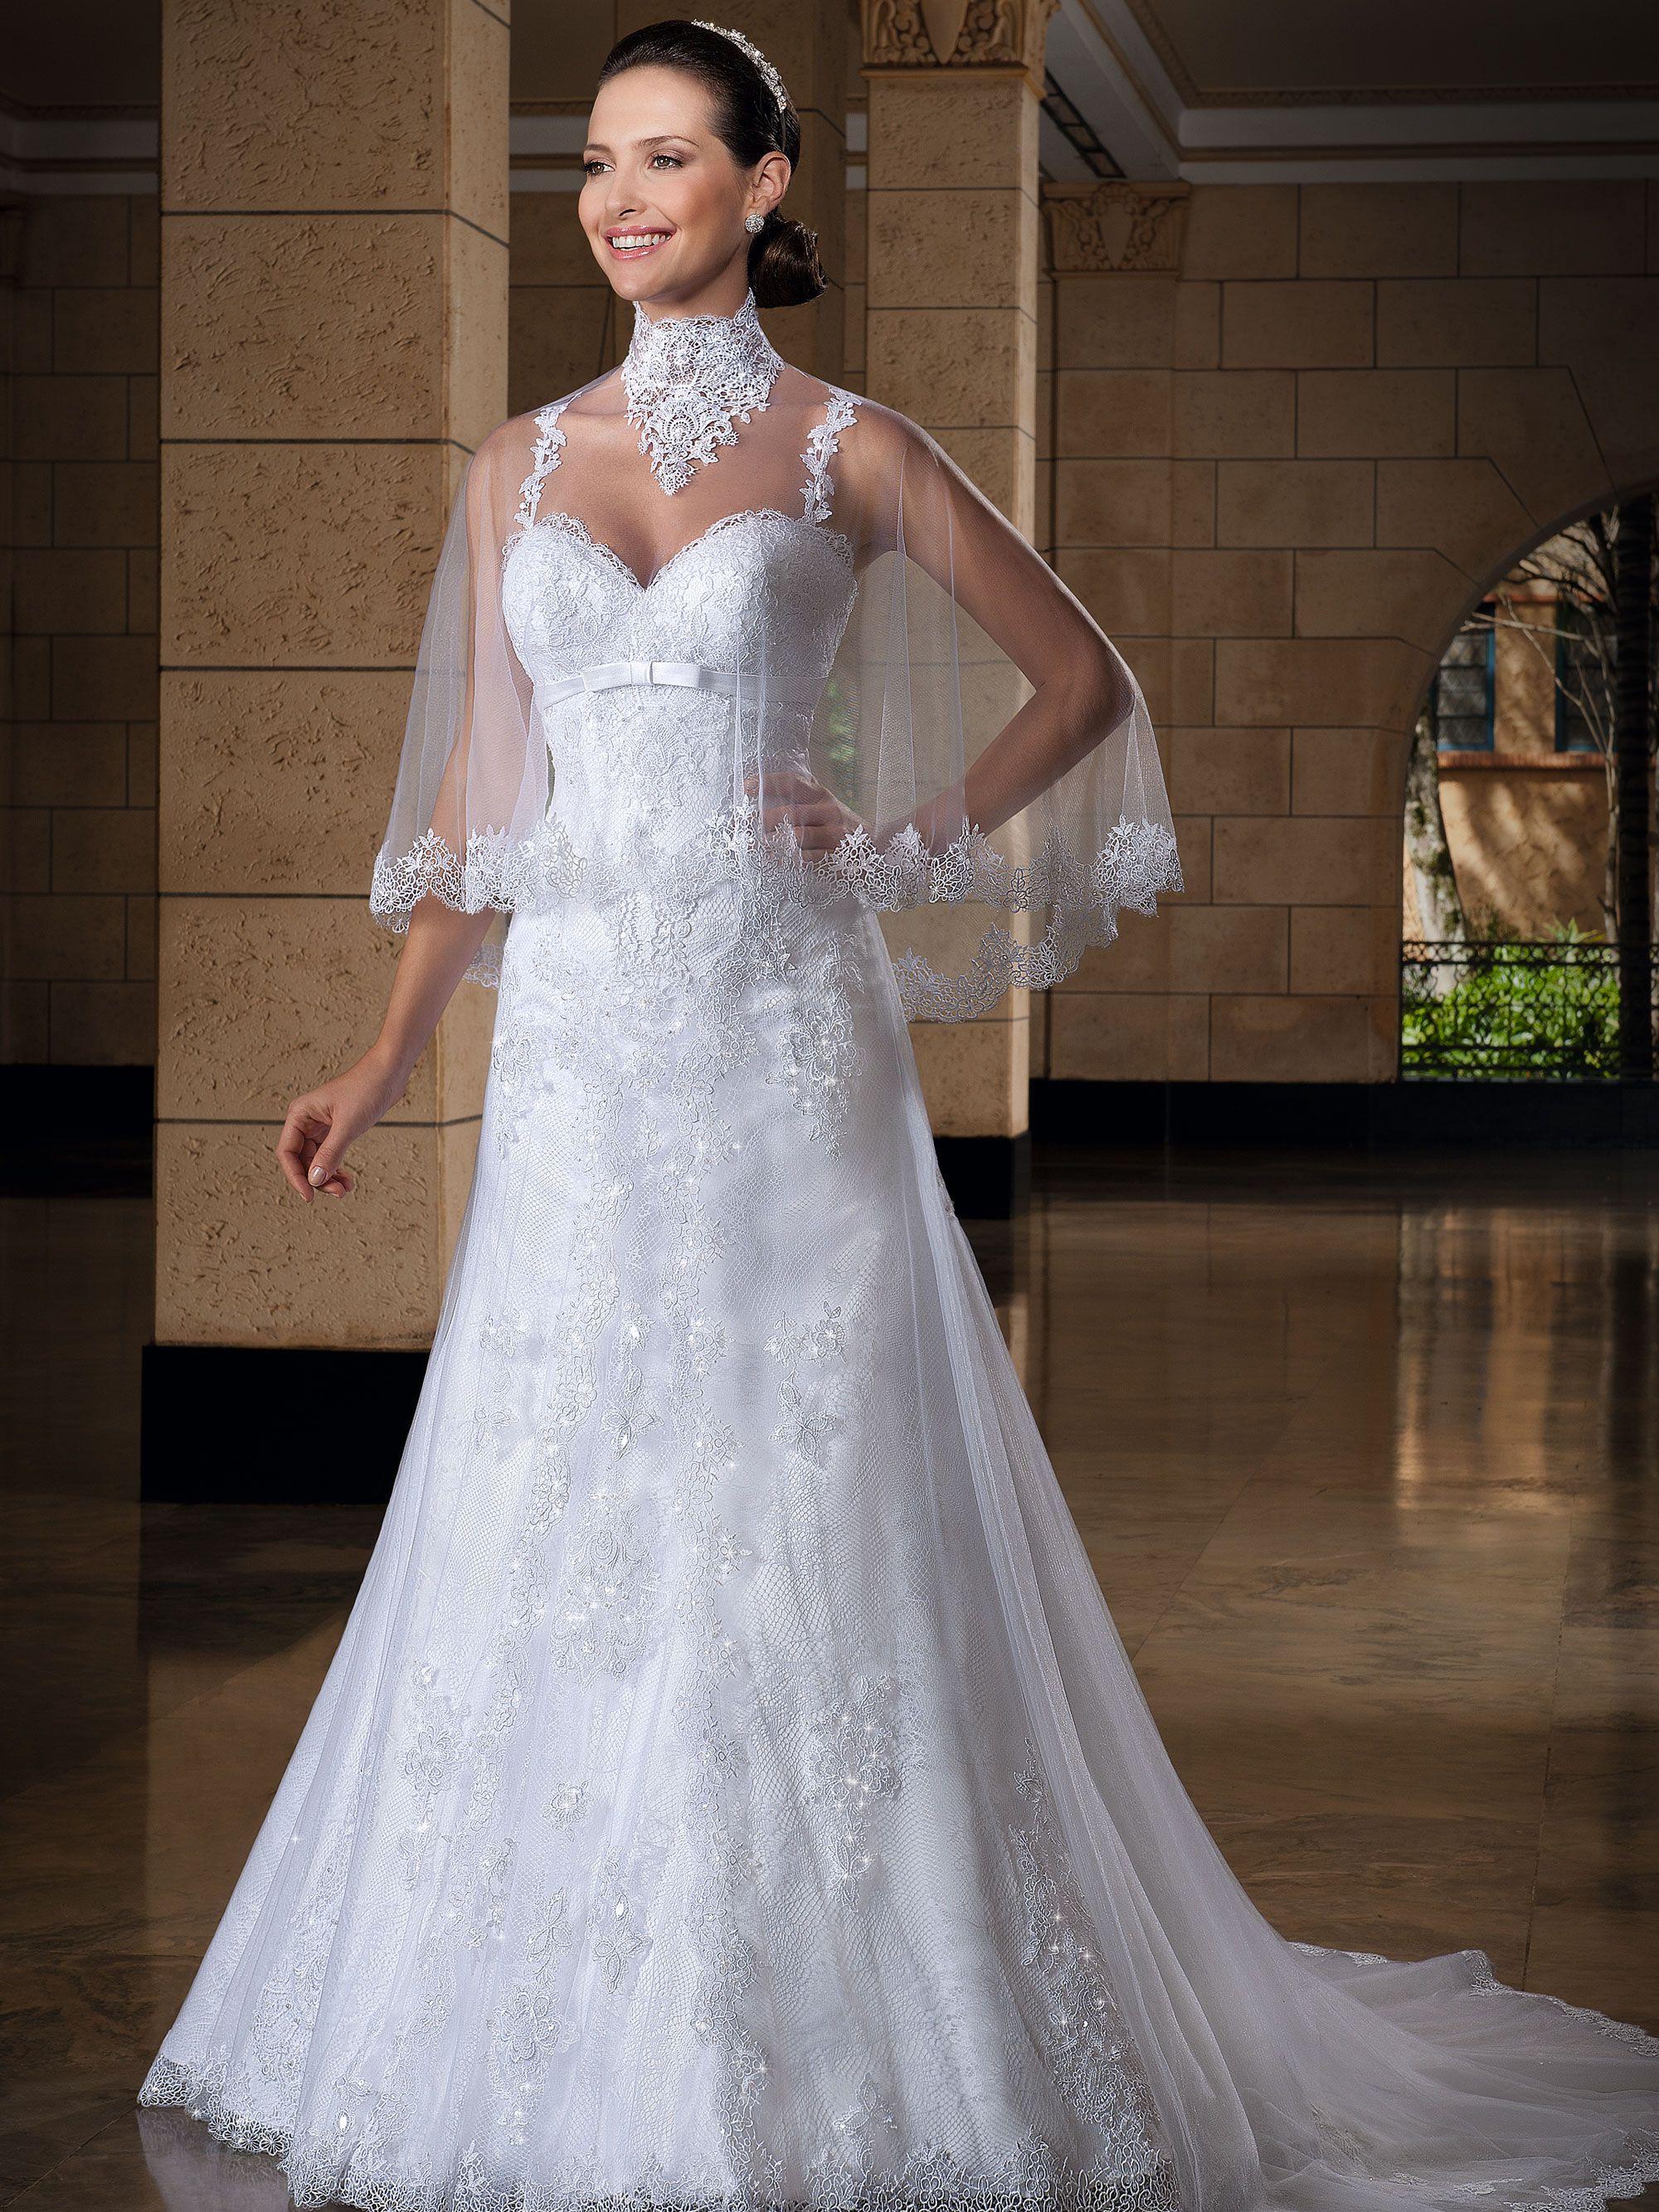 Vestidos de noiva - Coleção Jasmim   Vše pro nevěsty   Pinterest